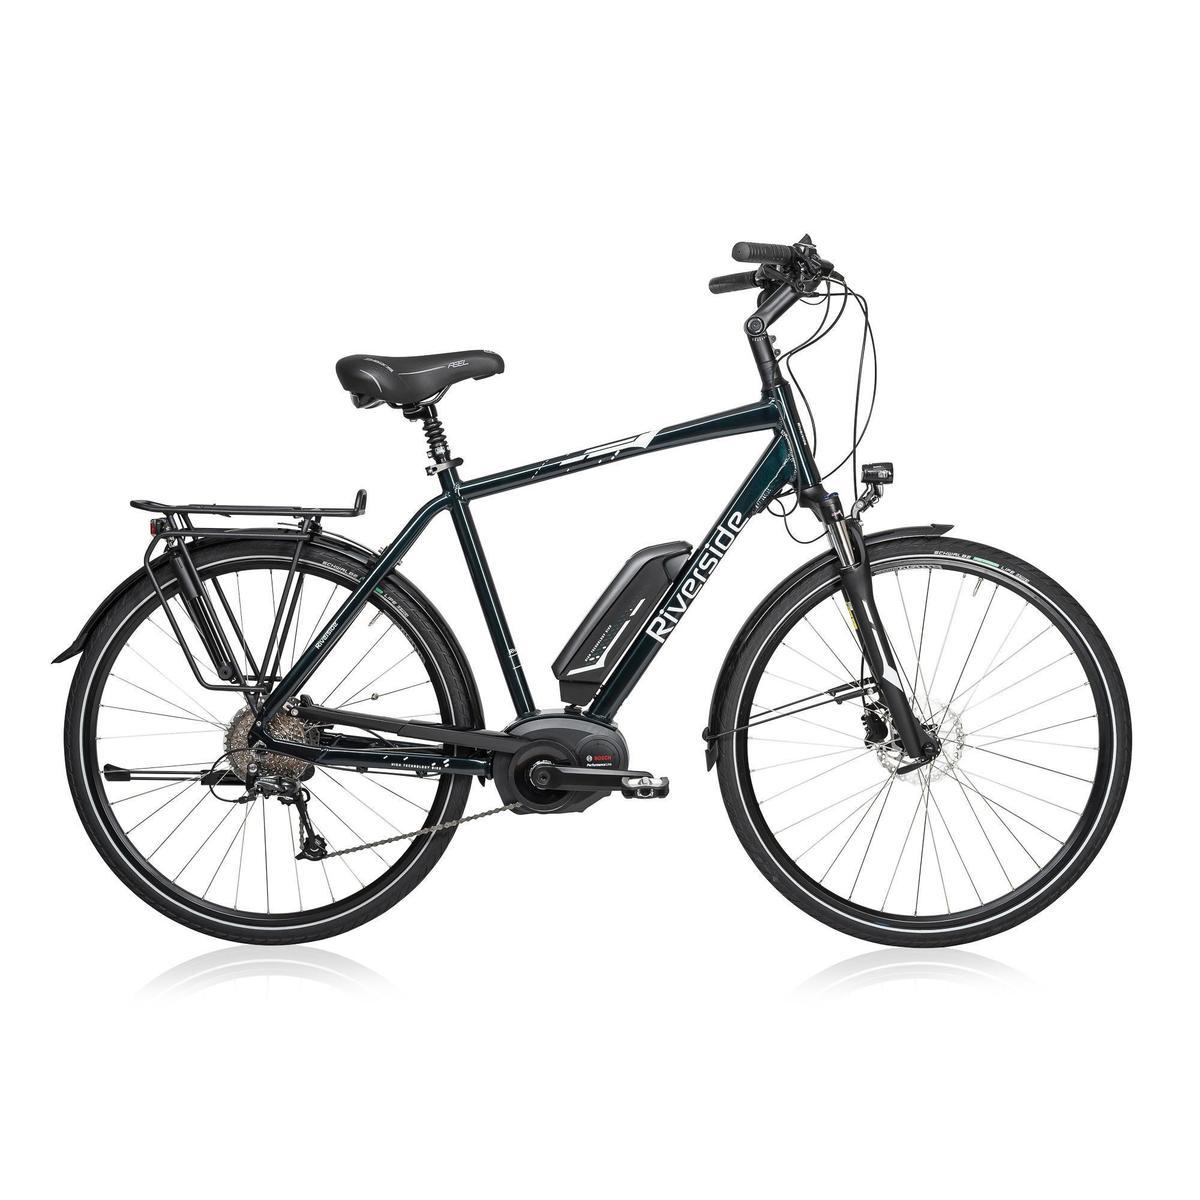 Bild 1 von E-Bike 28 Trekkingrad Riverside 500 Herren Performance Line 400Wh grün